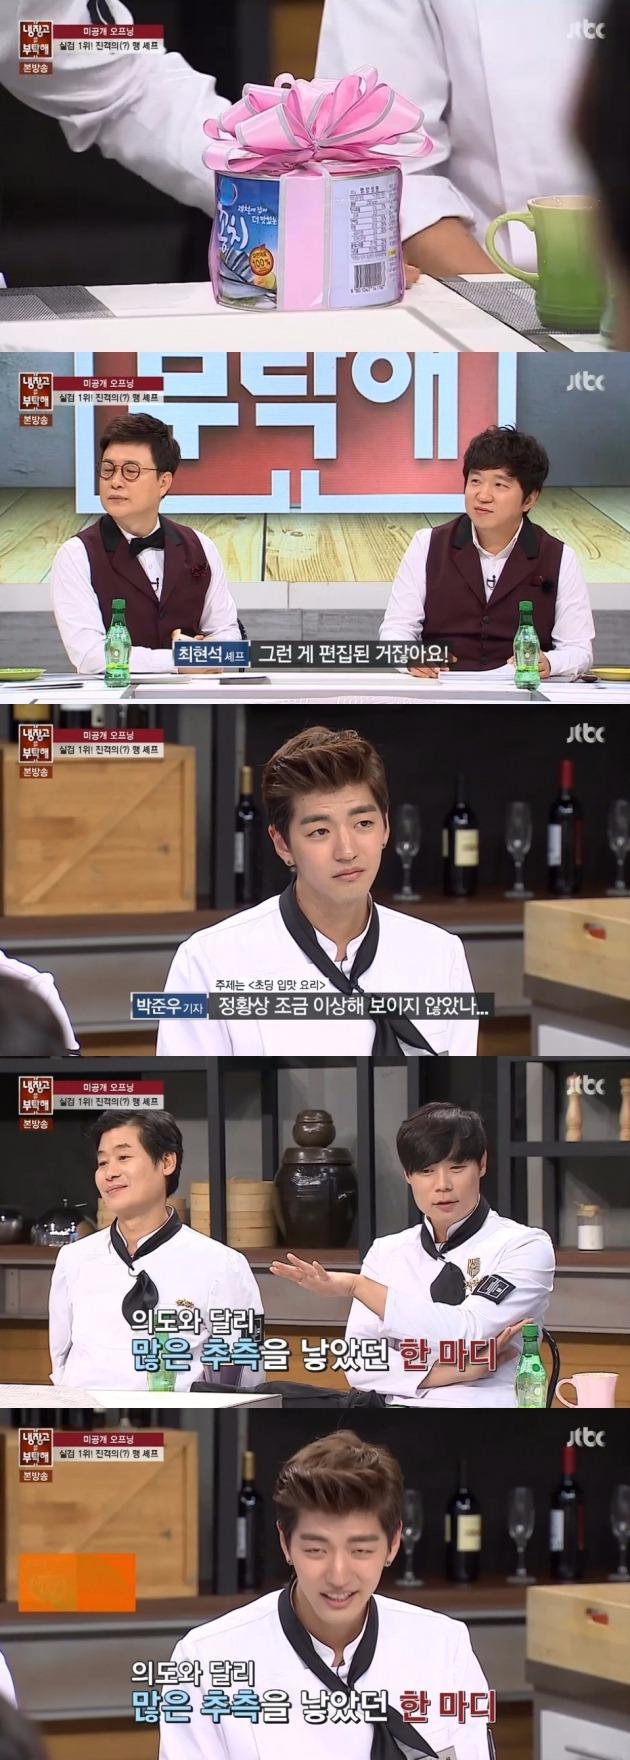 냉장고를 부탁해 맹기용 / 냉장고를 부탁해 맹기용 사진=JTBC 방송 캡처